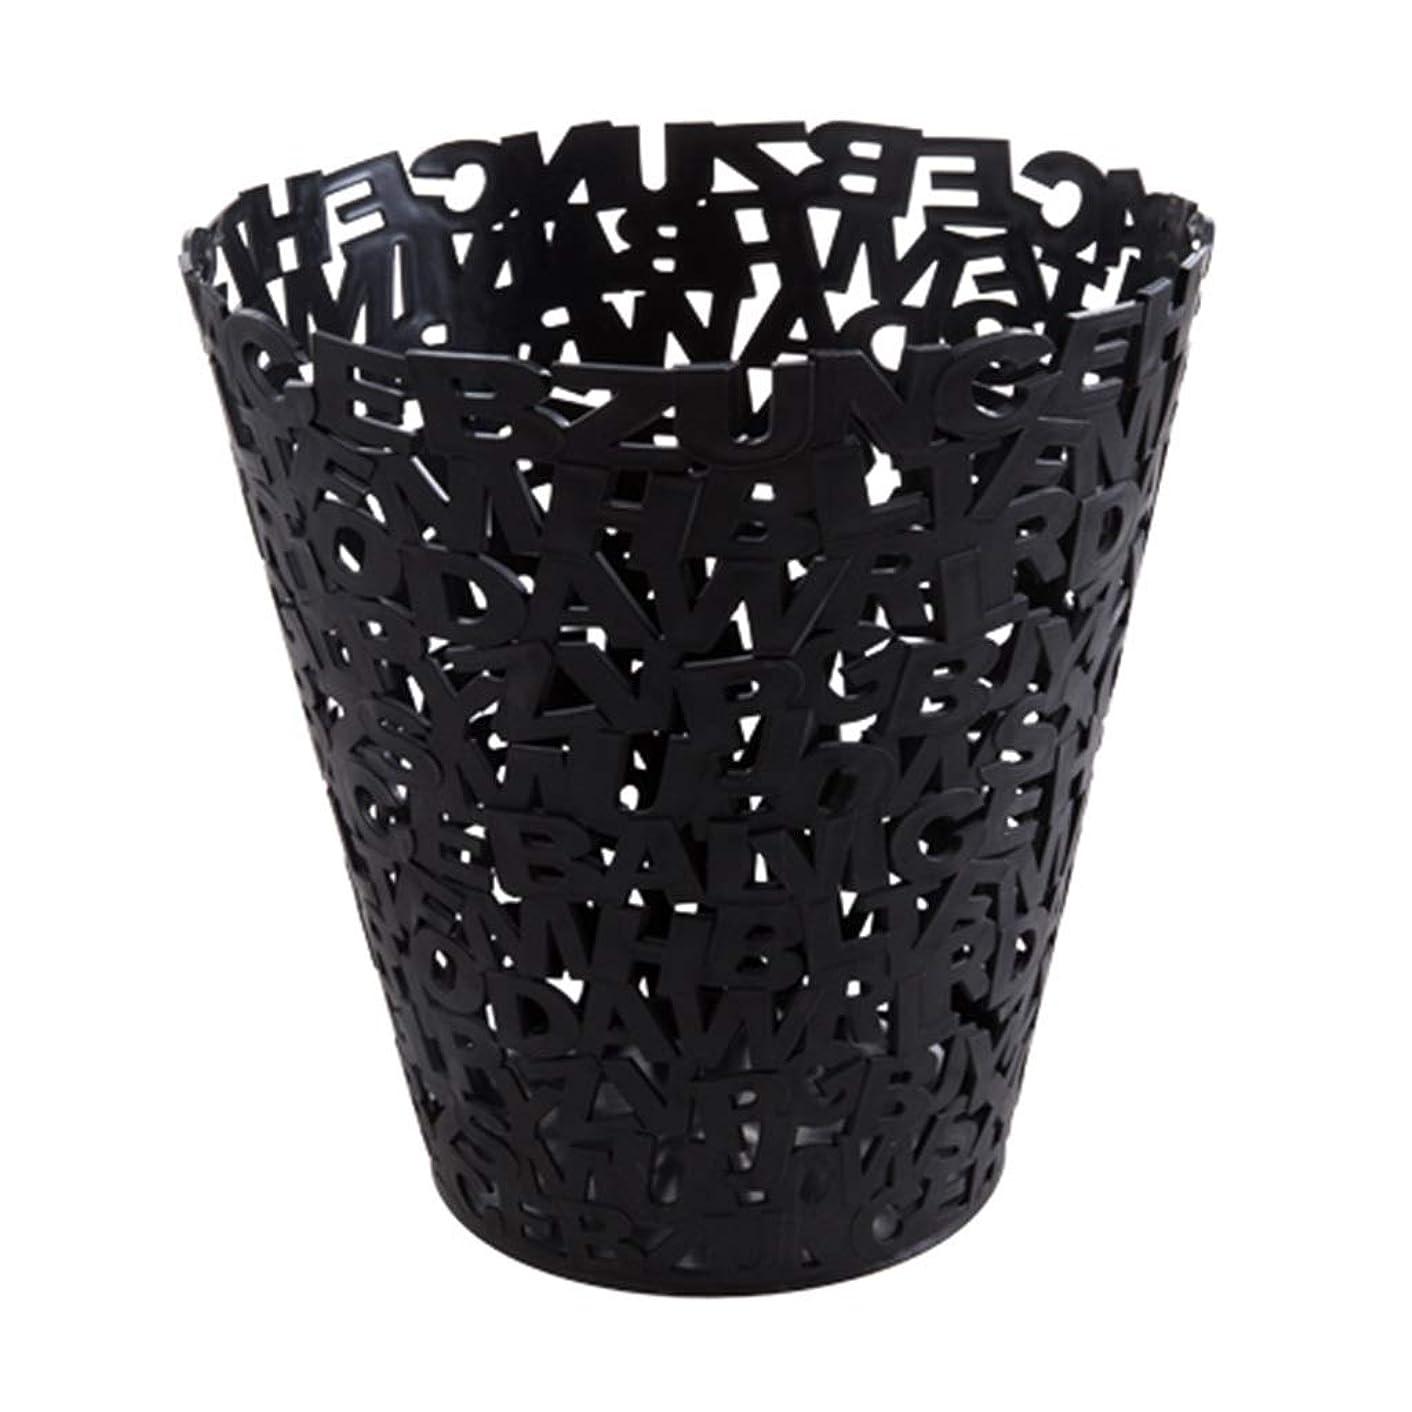 ゴミ箱プラスチックゴミ箱 PP素材と文字パターンデザイン、キッチンリビングルームのバスルーム アナックボーイ (Color : Black)